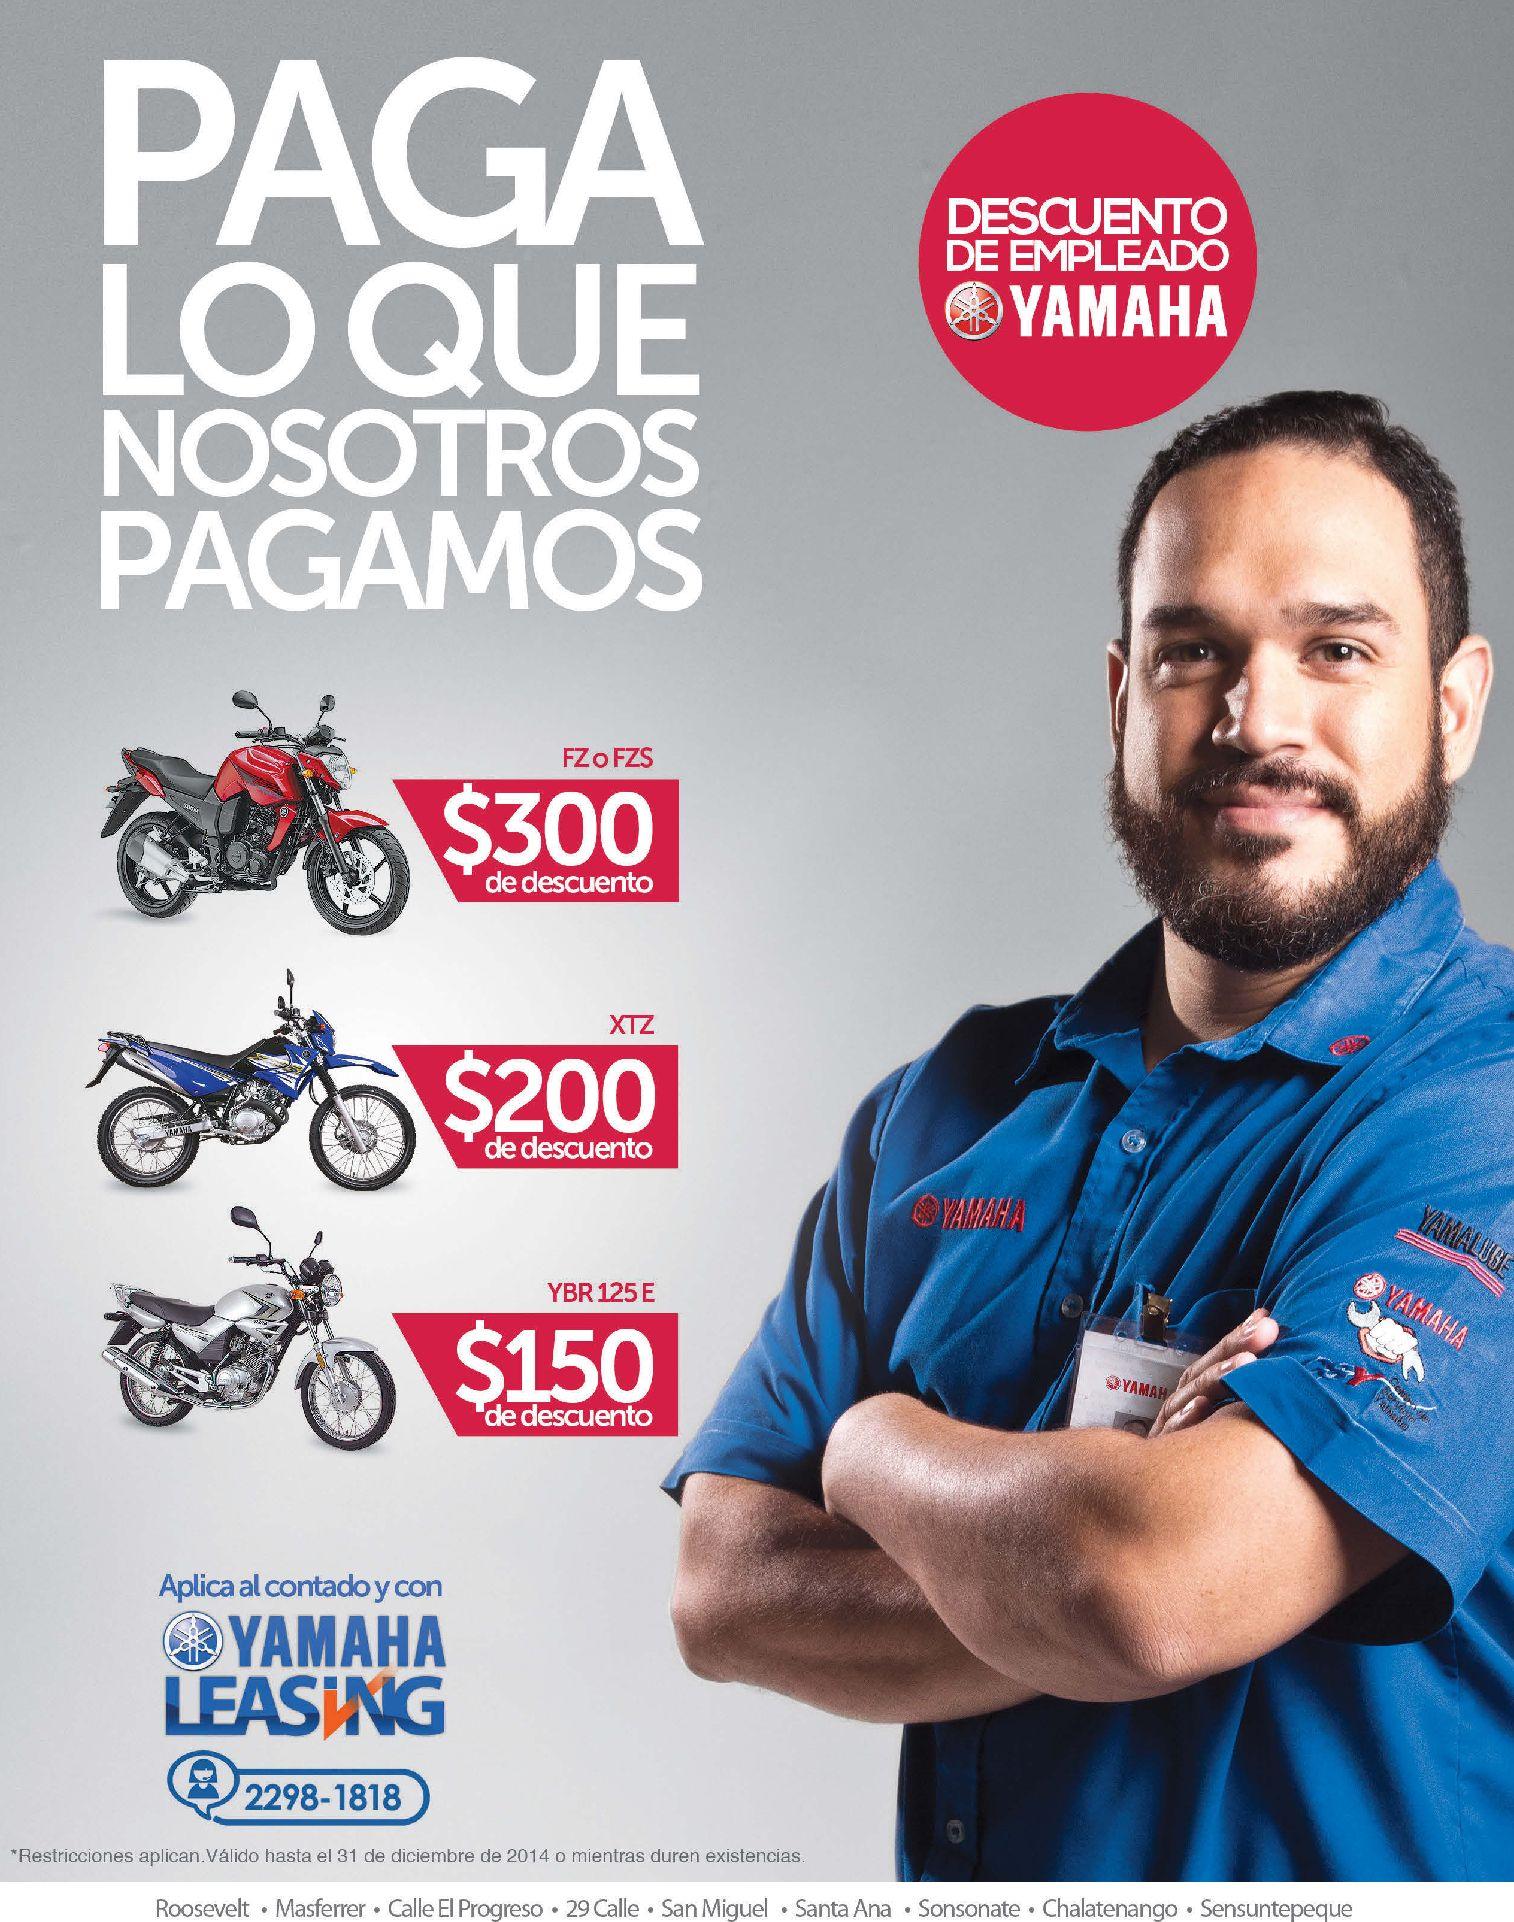 Comprar moto yamaha con descuento de empleado - 06oct14